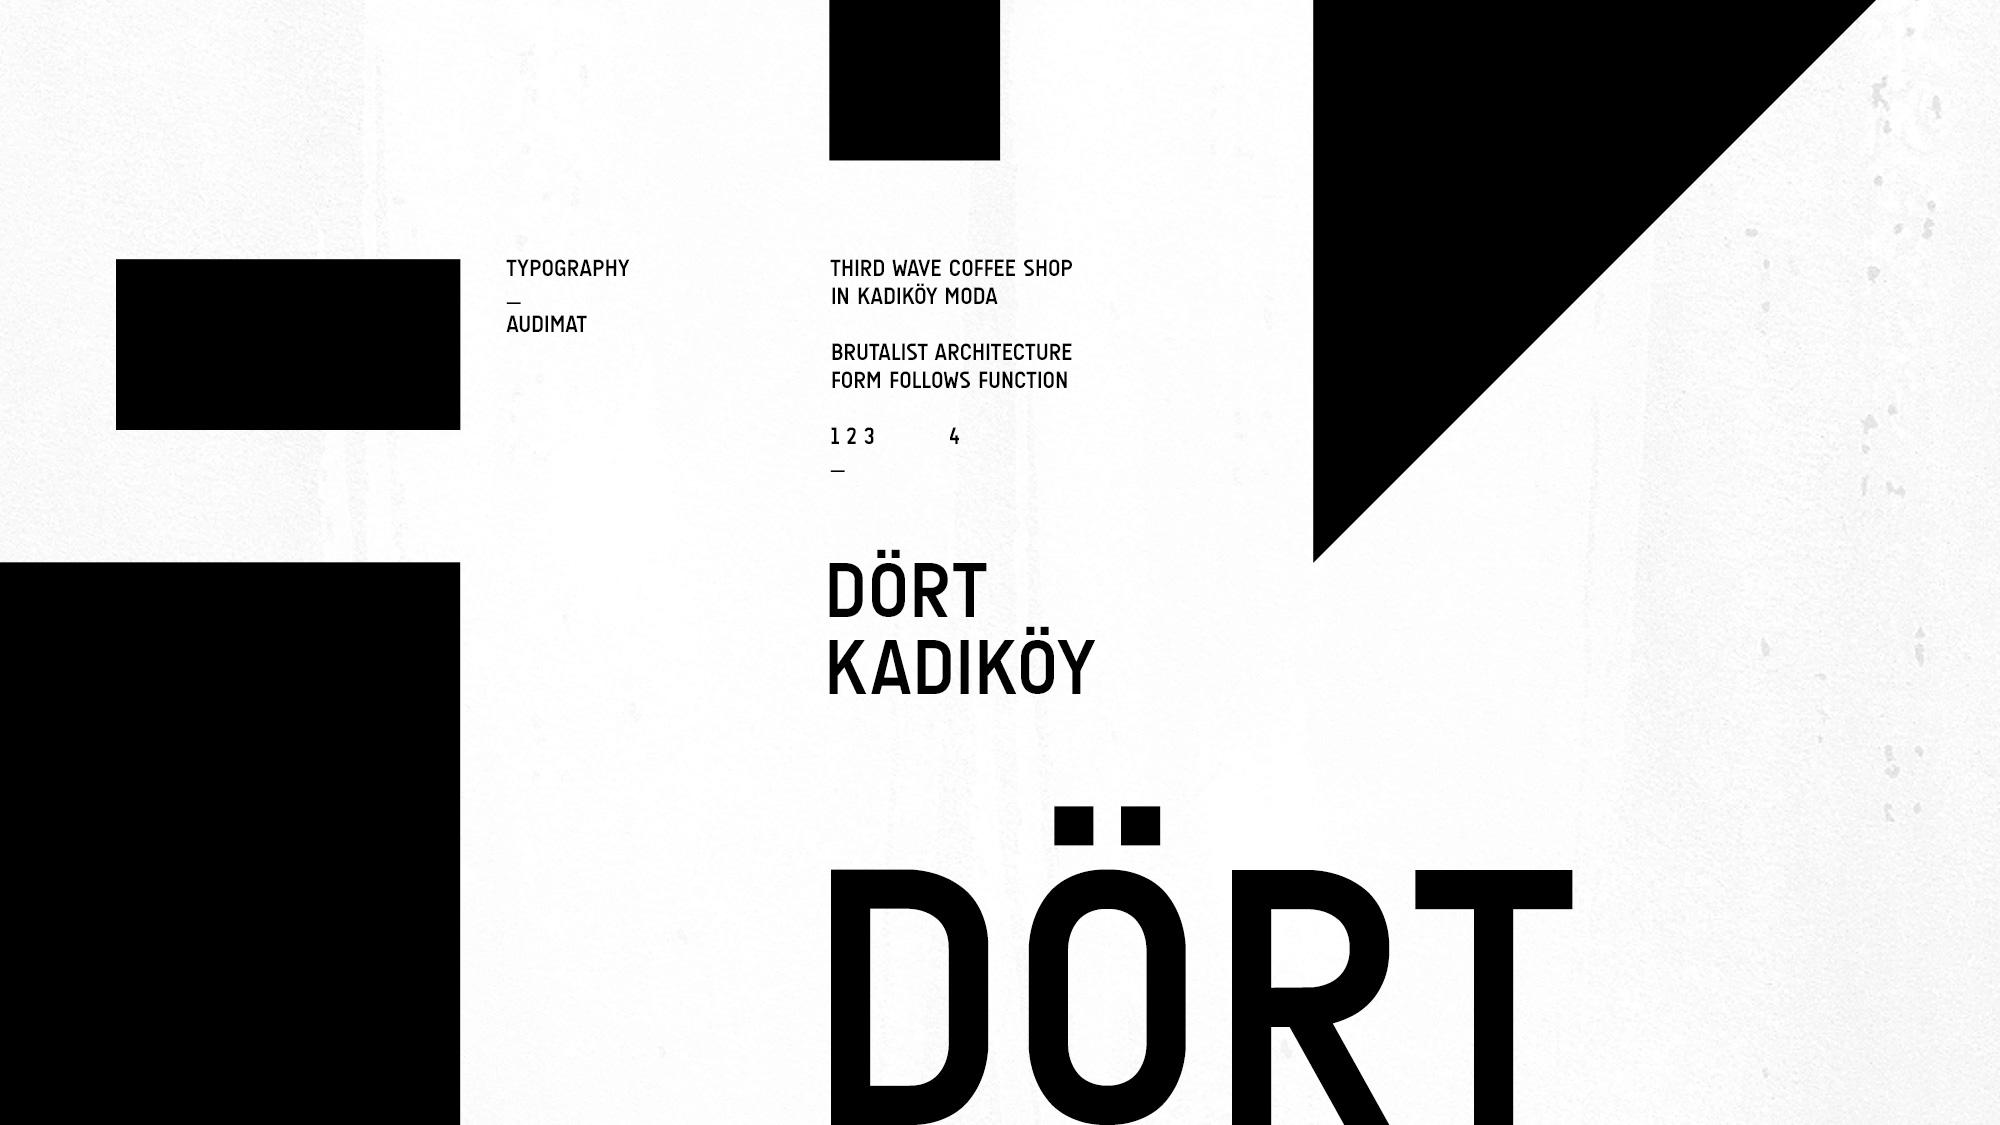 Dortkadikoy_09